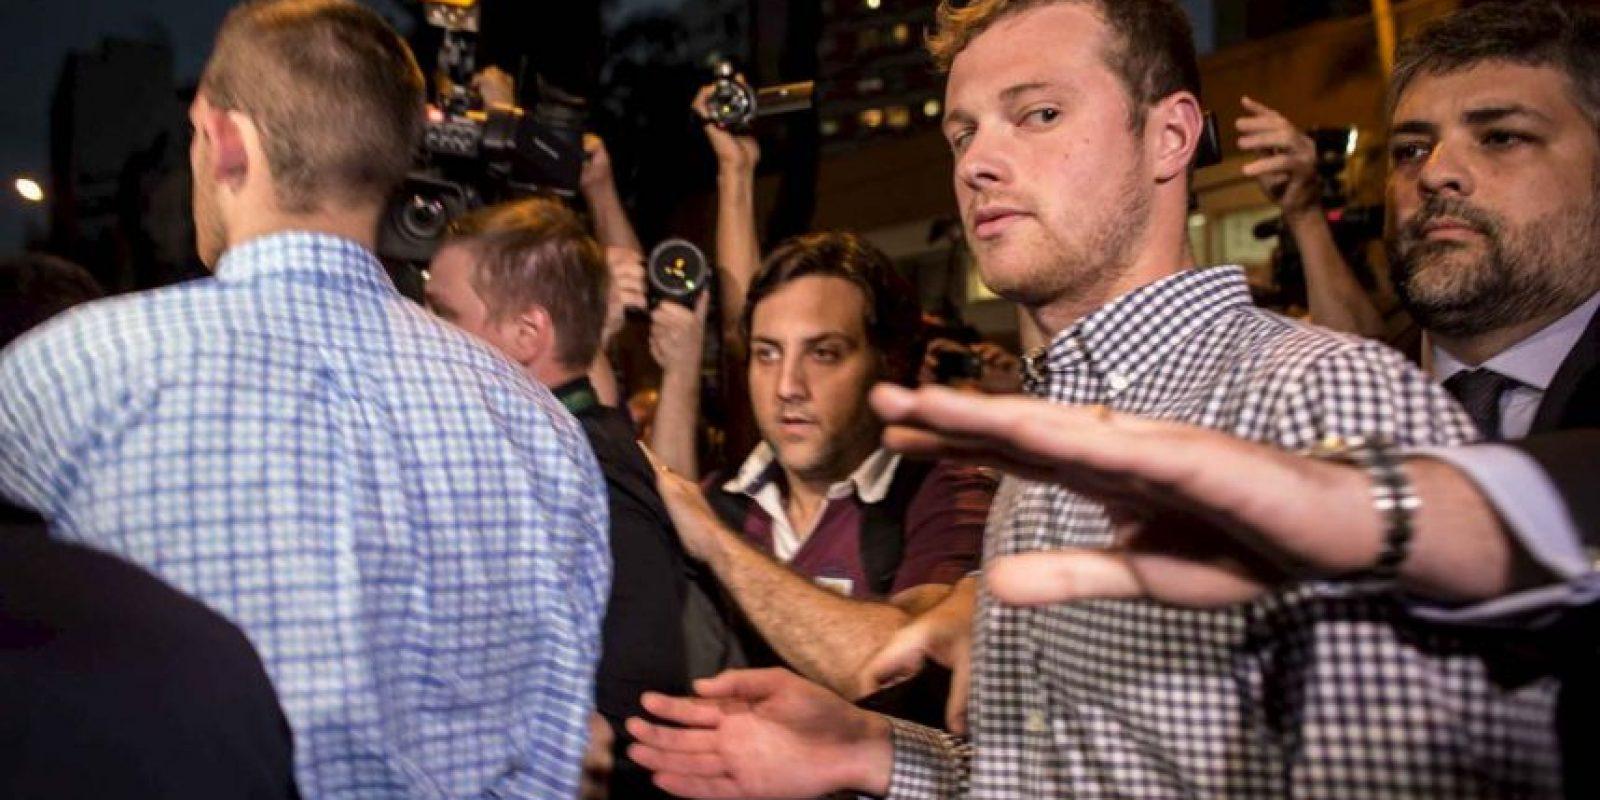 Sus compañeros fueron interrogados por la policía. Foto:Getty Images